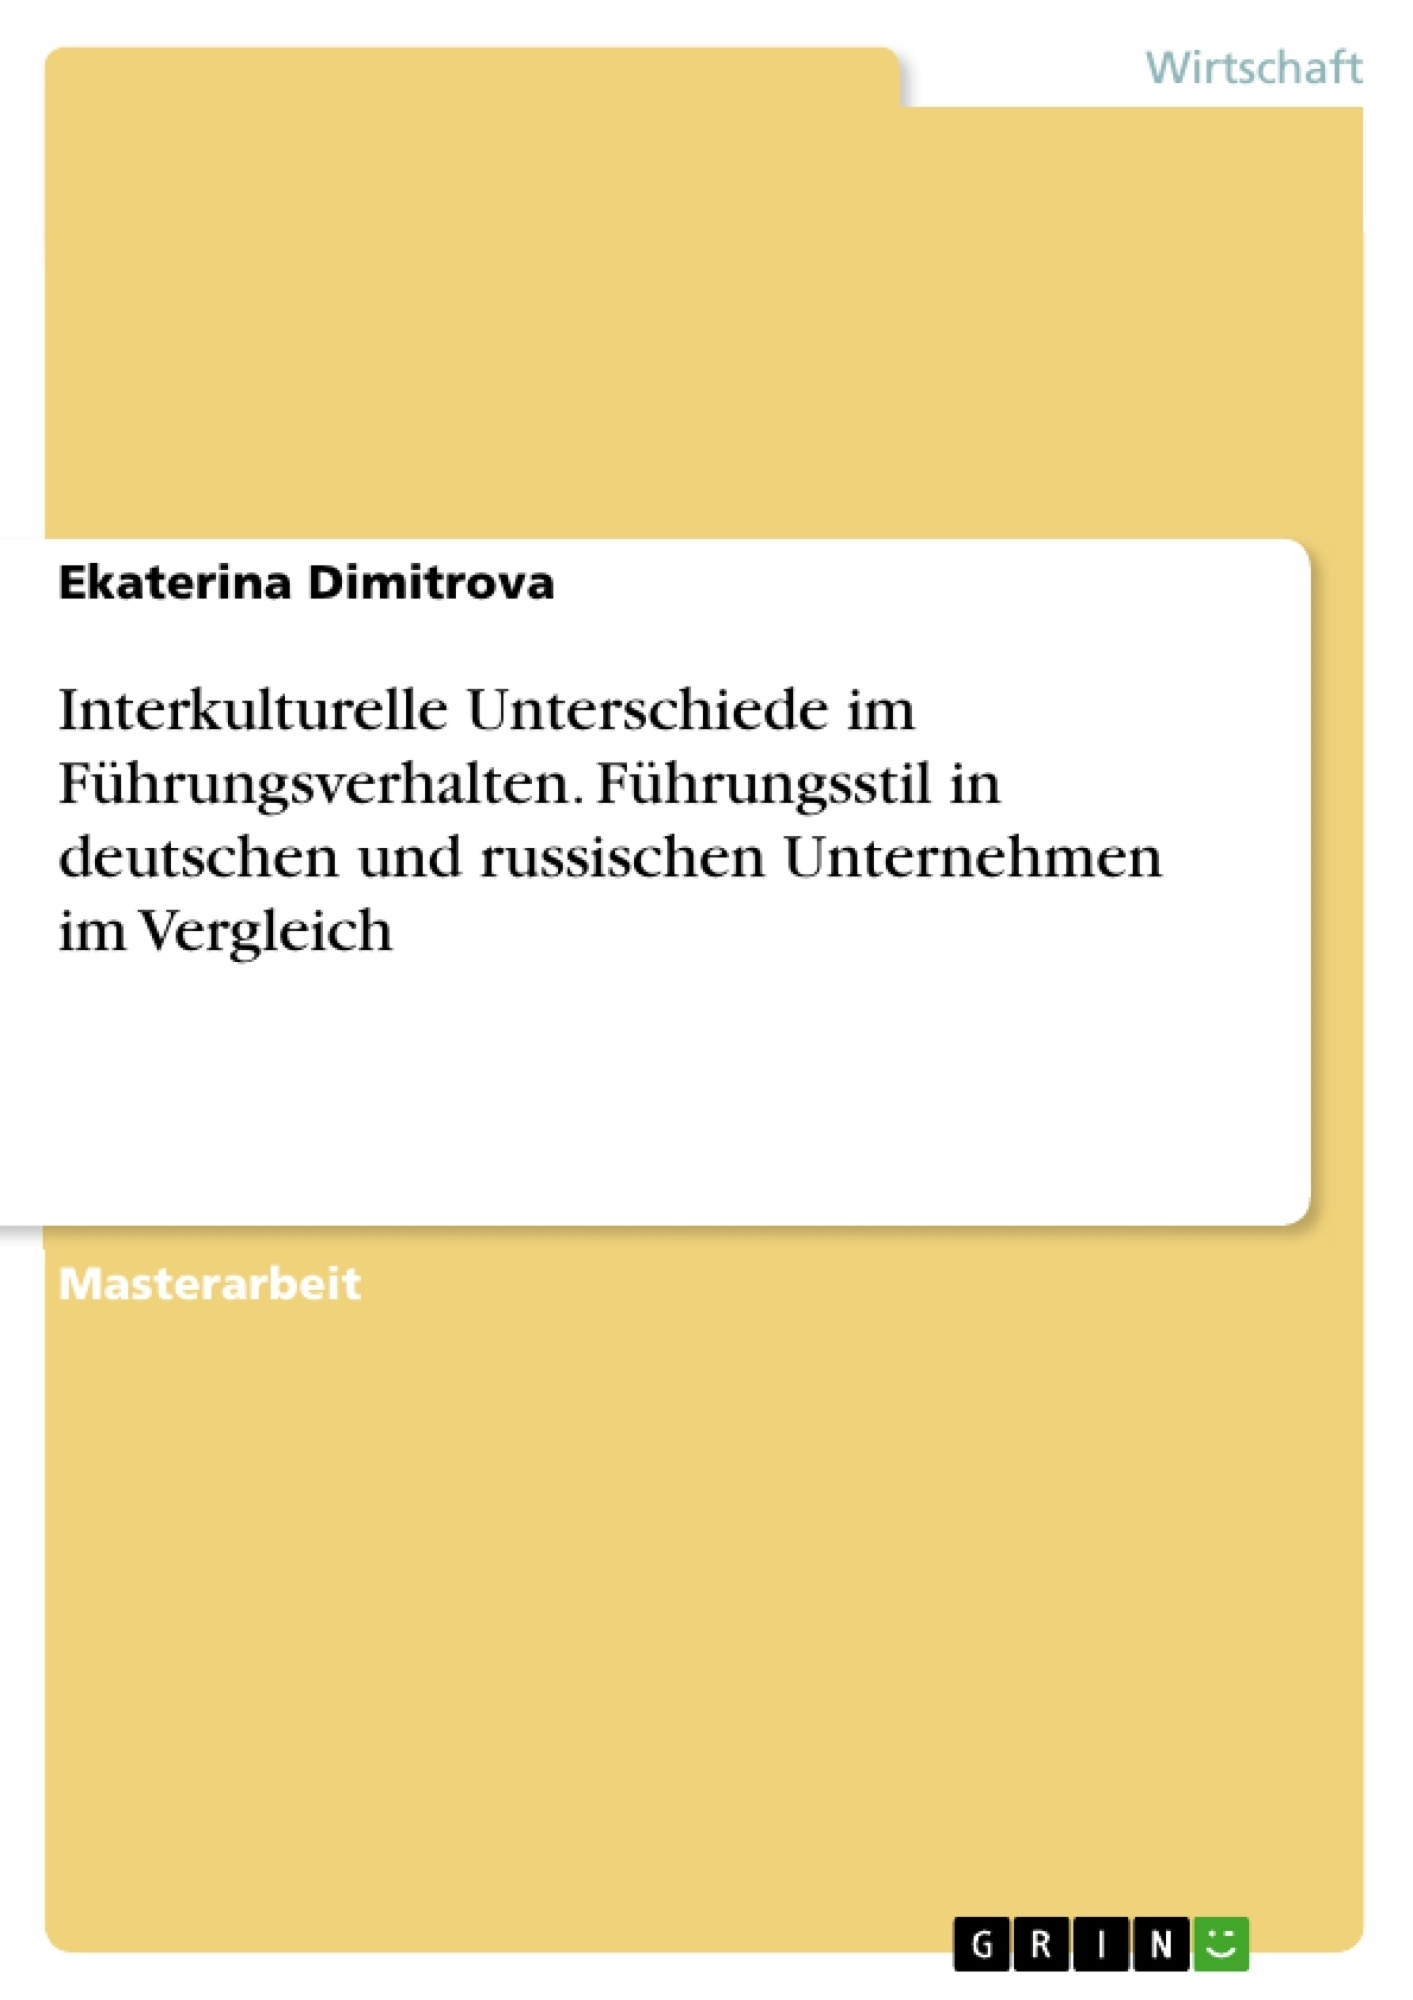 Titel: Interkulturelle Unterschiede im Führungsverhalten. Führungsstil in deutschen und russischen Unternehmen im Vergleich